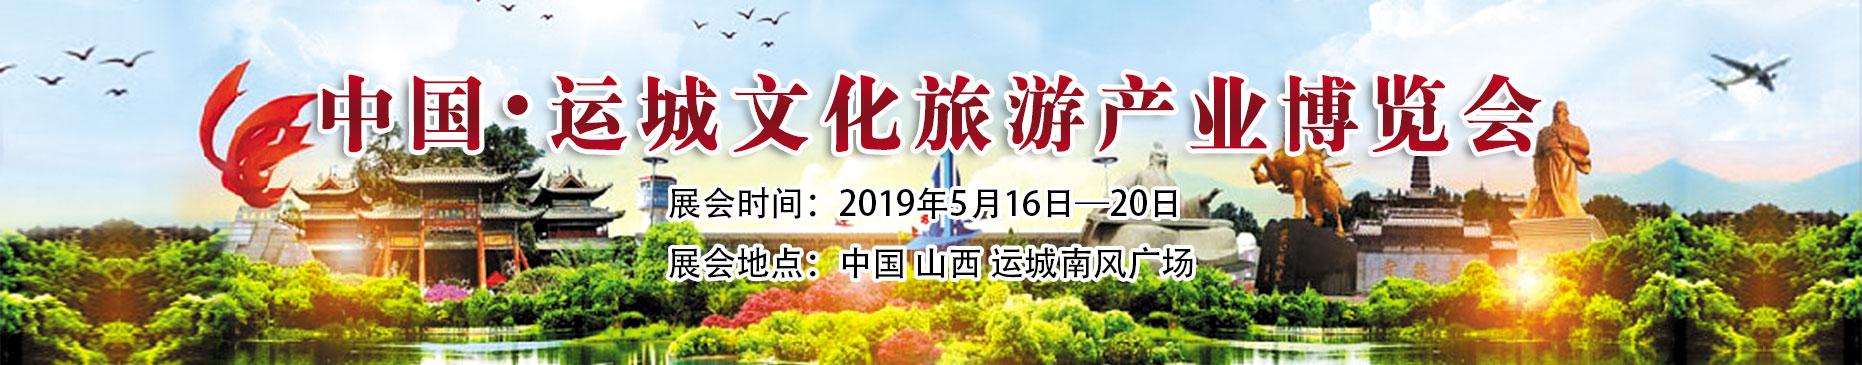 2019中国·运城文化旅游产业博览会